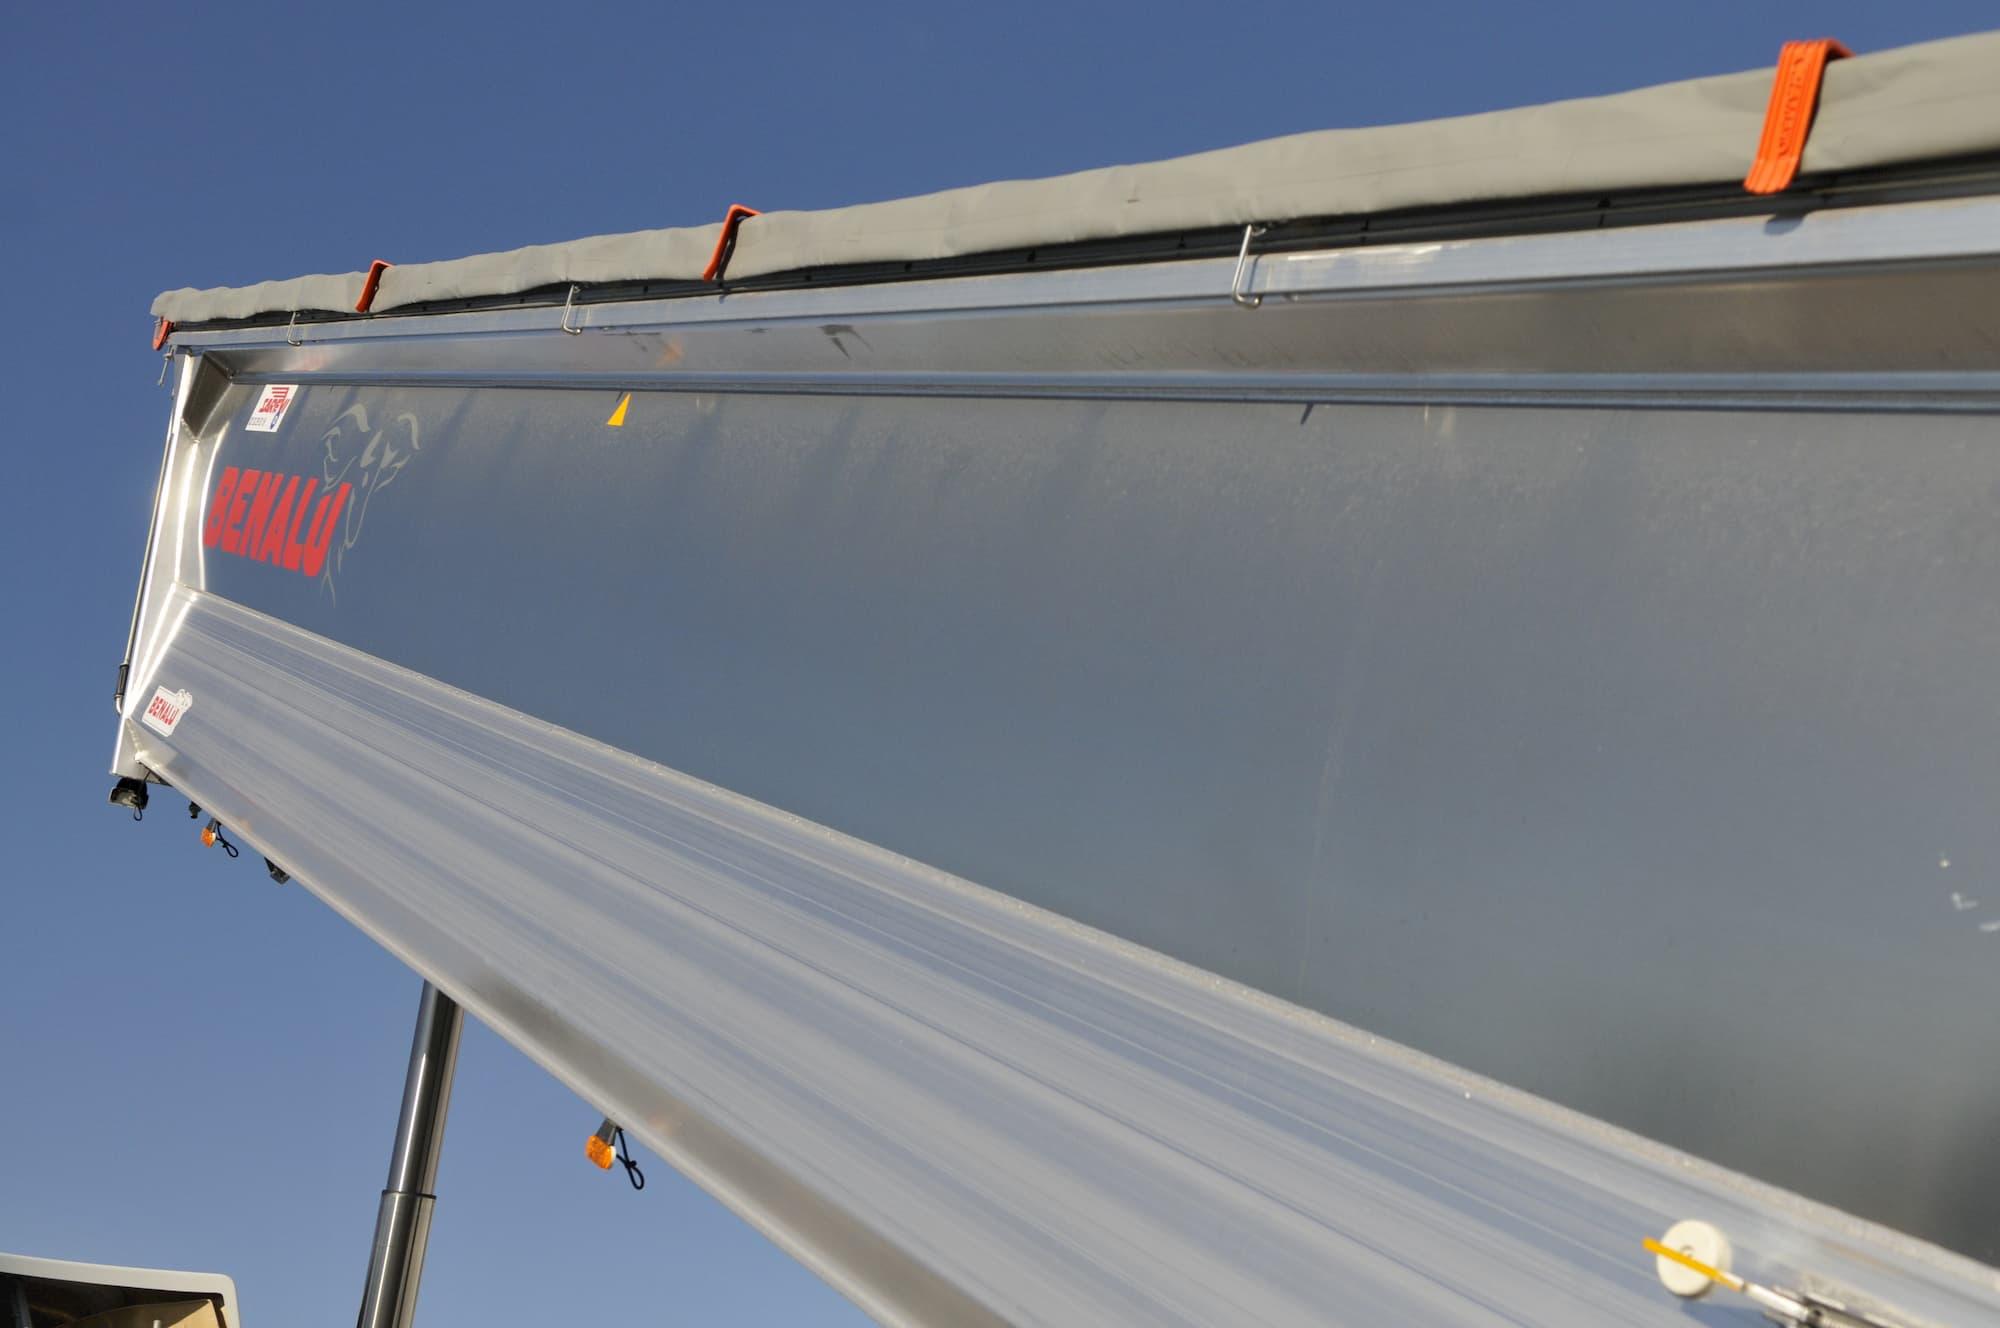 Benalu, bennes en aluminium et en acier pour VI